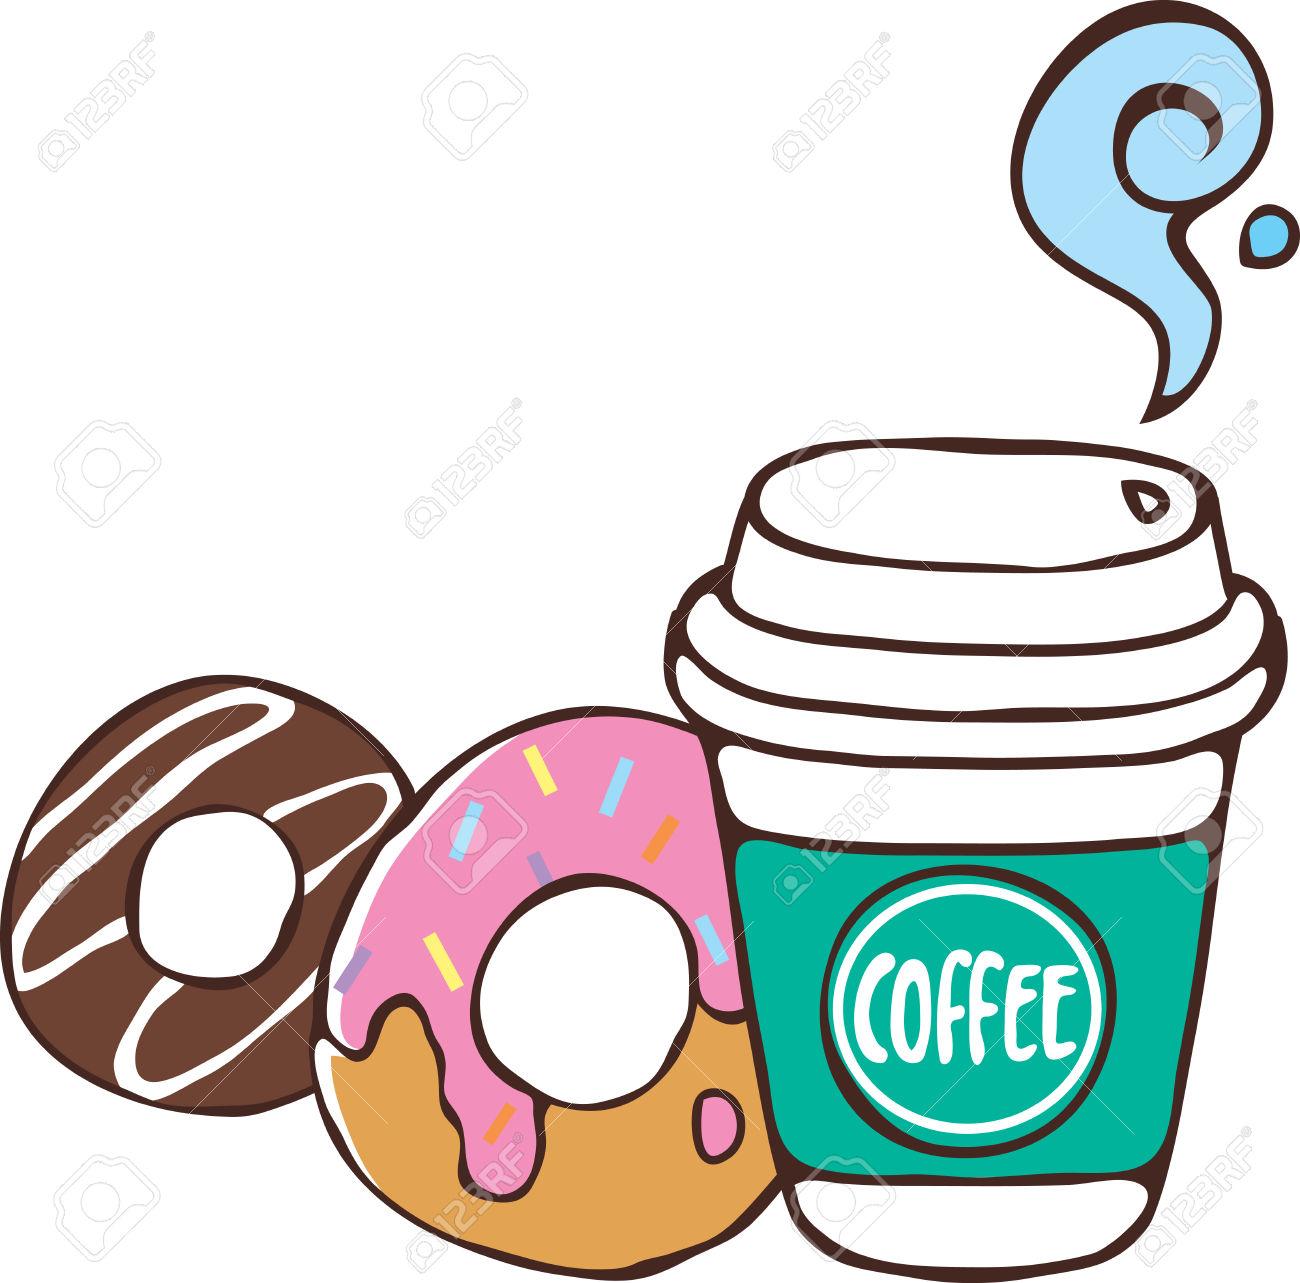 Coffee And Donuts Clipart & Coffee And Donuts Clip Art Images.